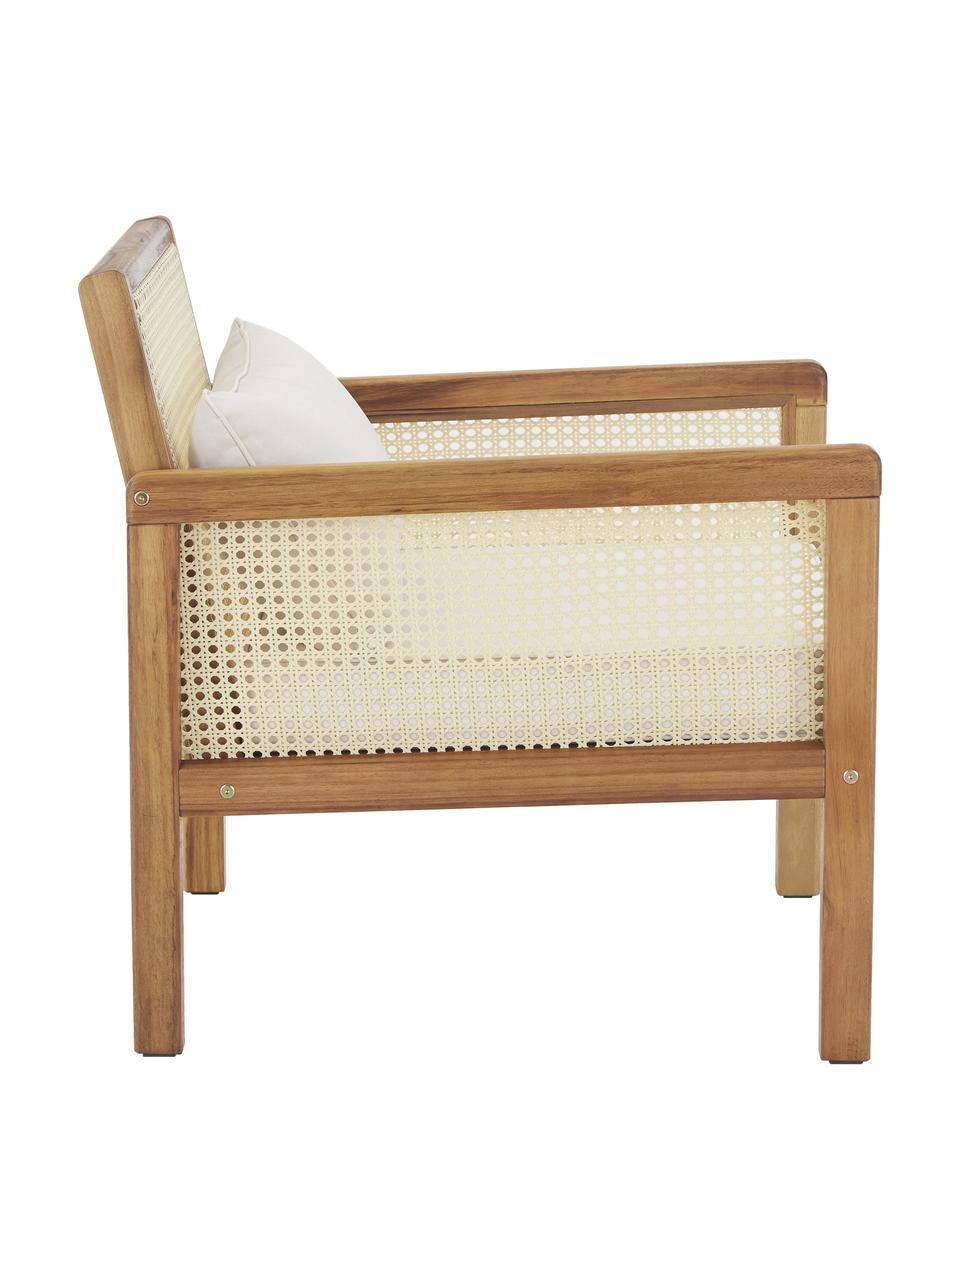 Ogrodowy fotel wypoczynkowy z plecionką wiedeńską Vie, Tapicerka: 100% poliester Dzięki tka, Stelaż: lite drewno akacjowe, ole, Beżowy, S 68 x G 78 cm